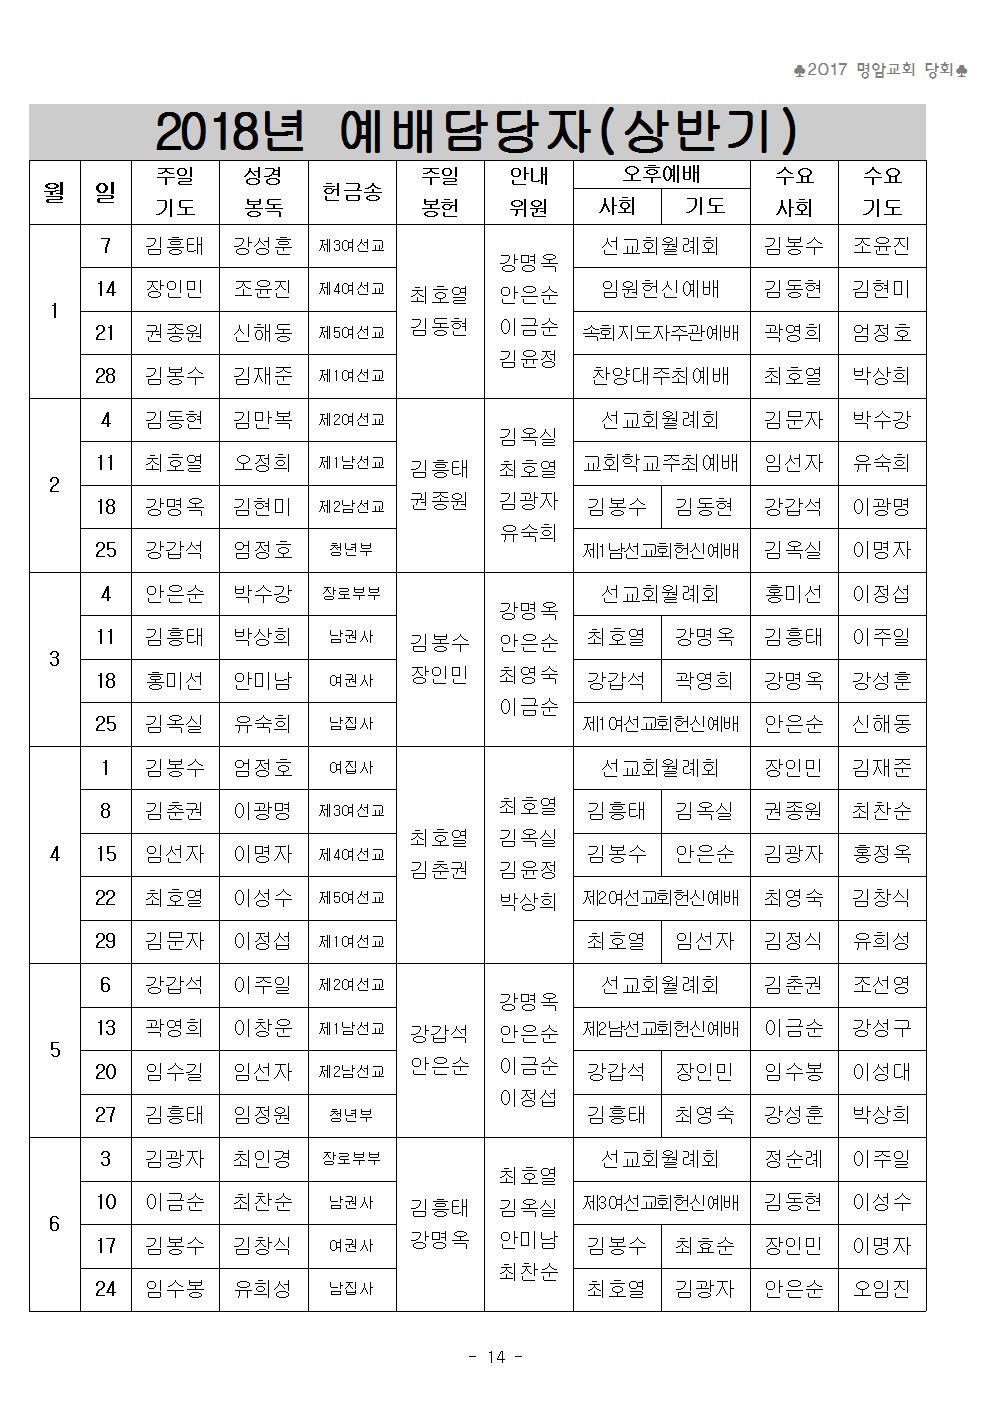 2017년 당회자료 최종작업본014.jpg